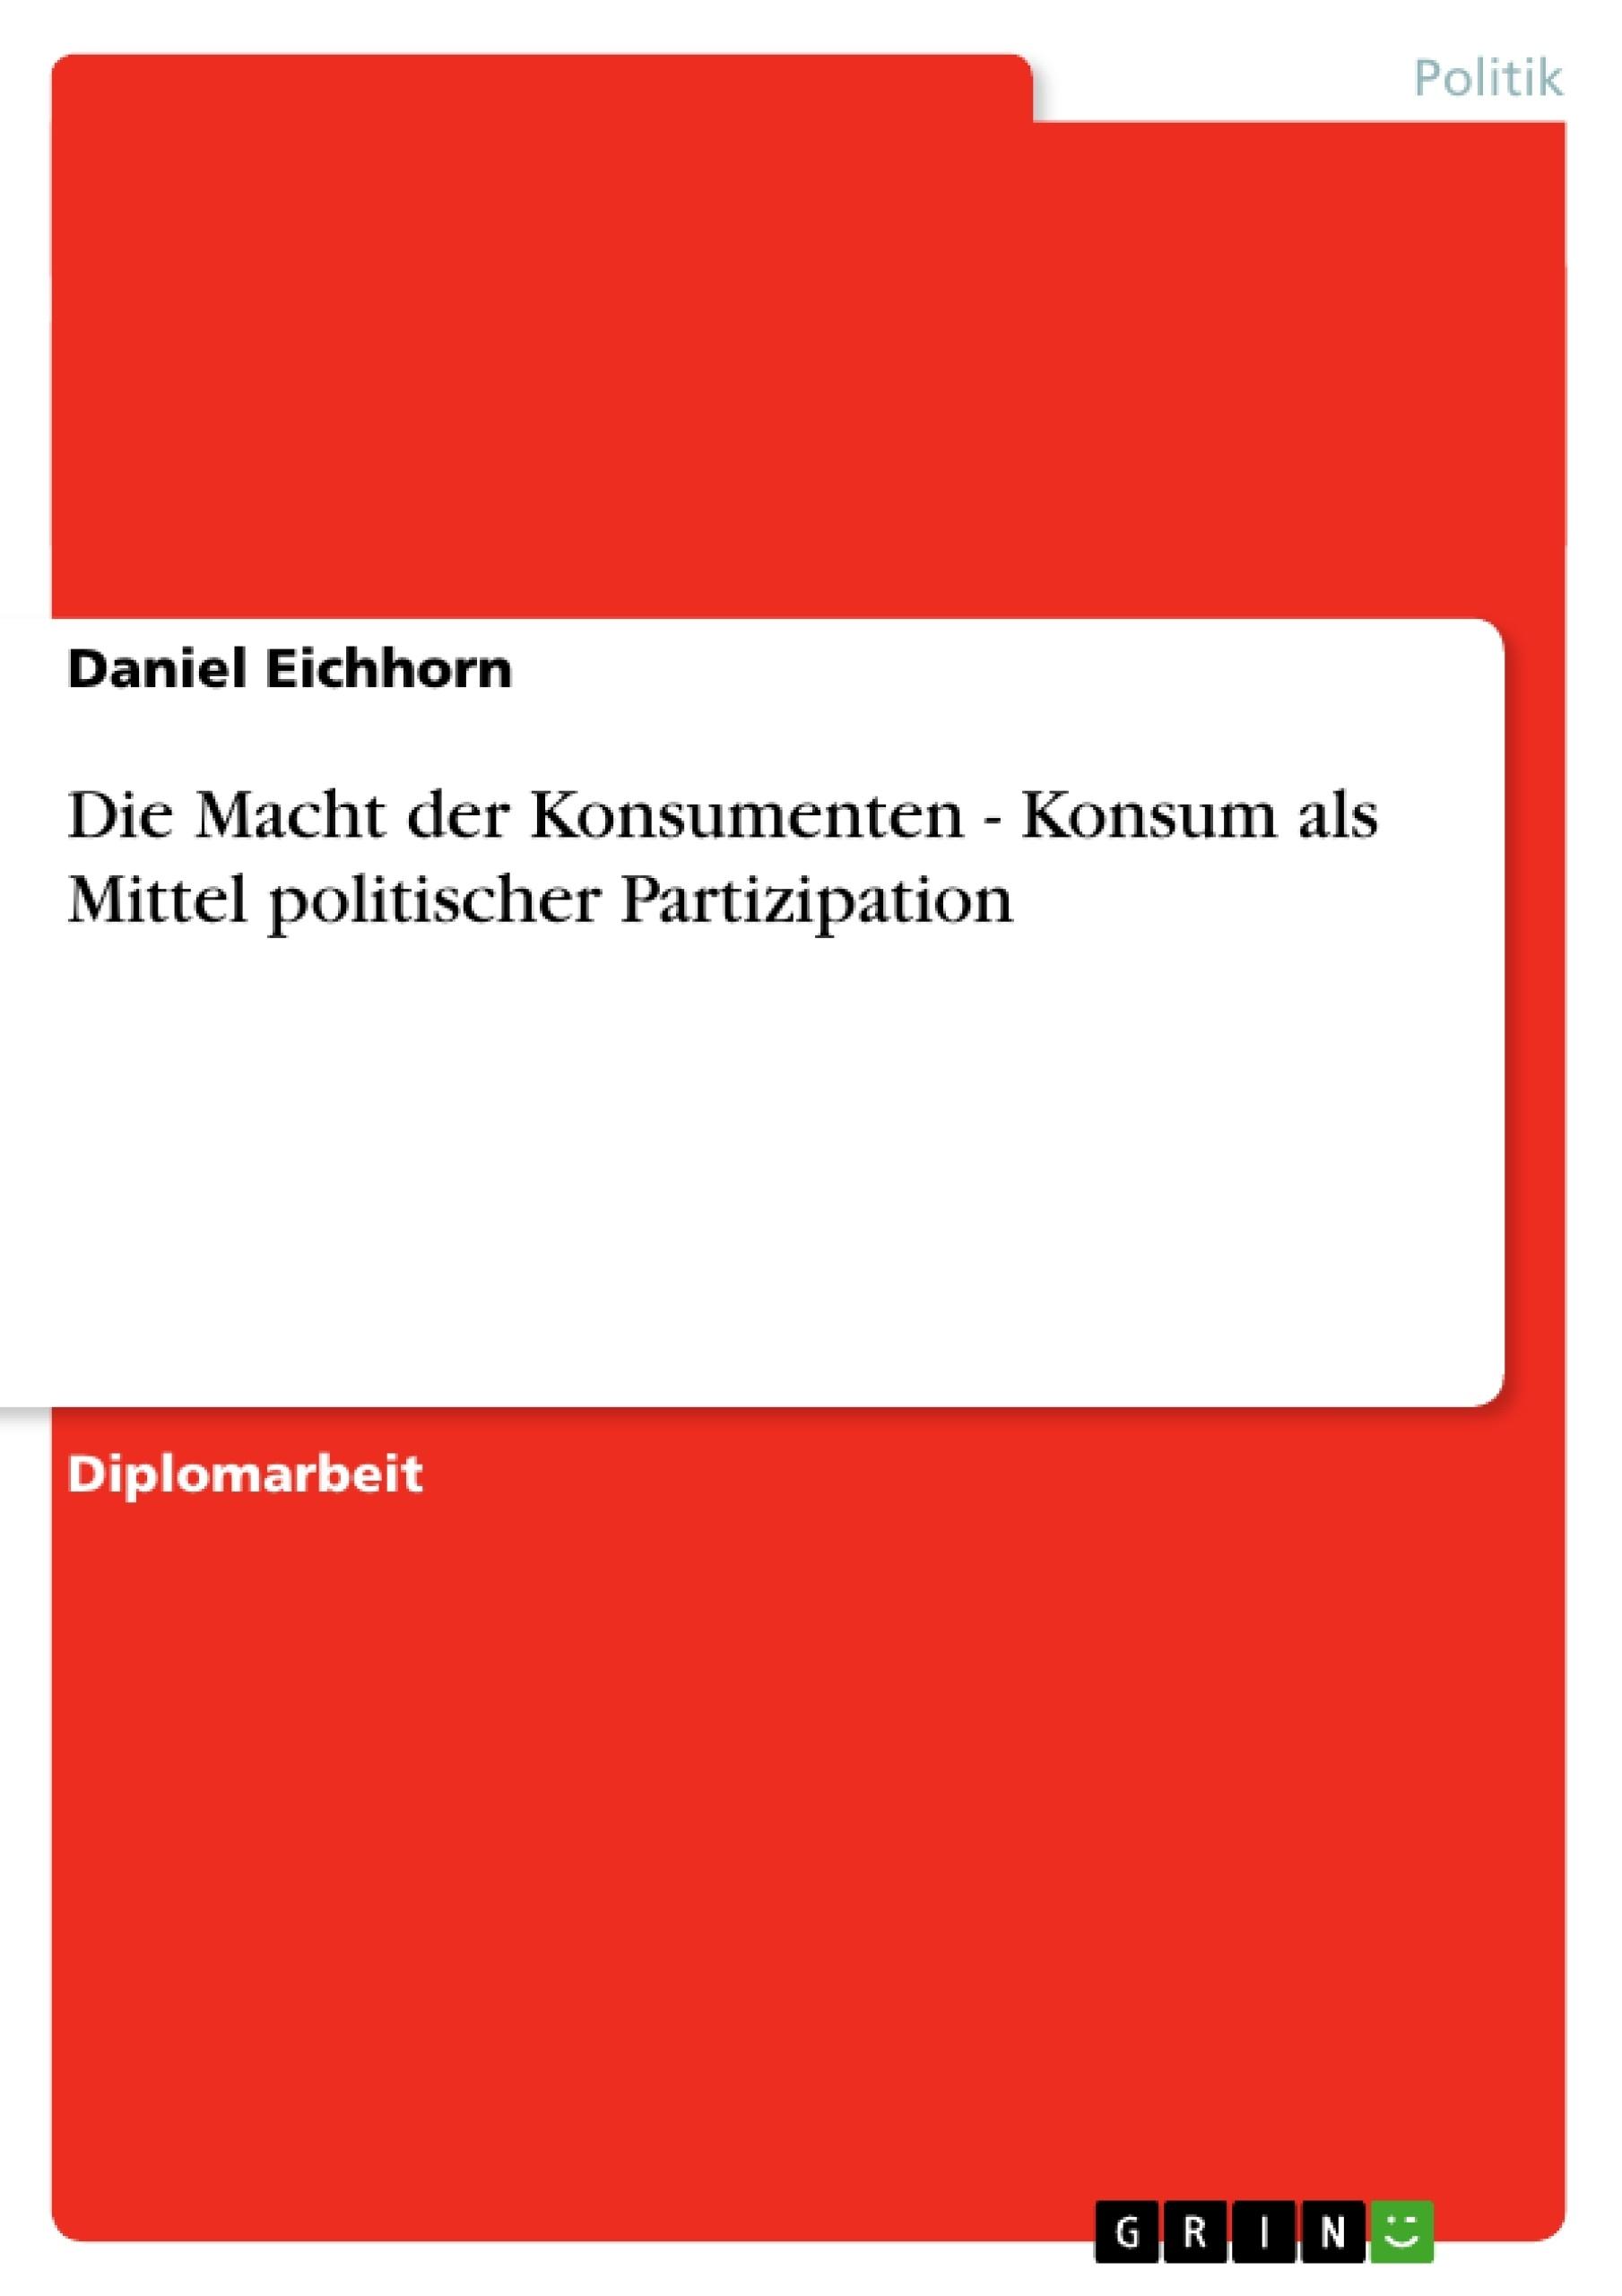 Titel: Die Macht der Konsumenten - Konsum als Mittel politischer Partizipation